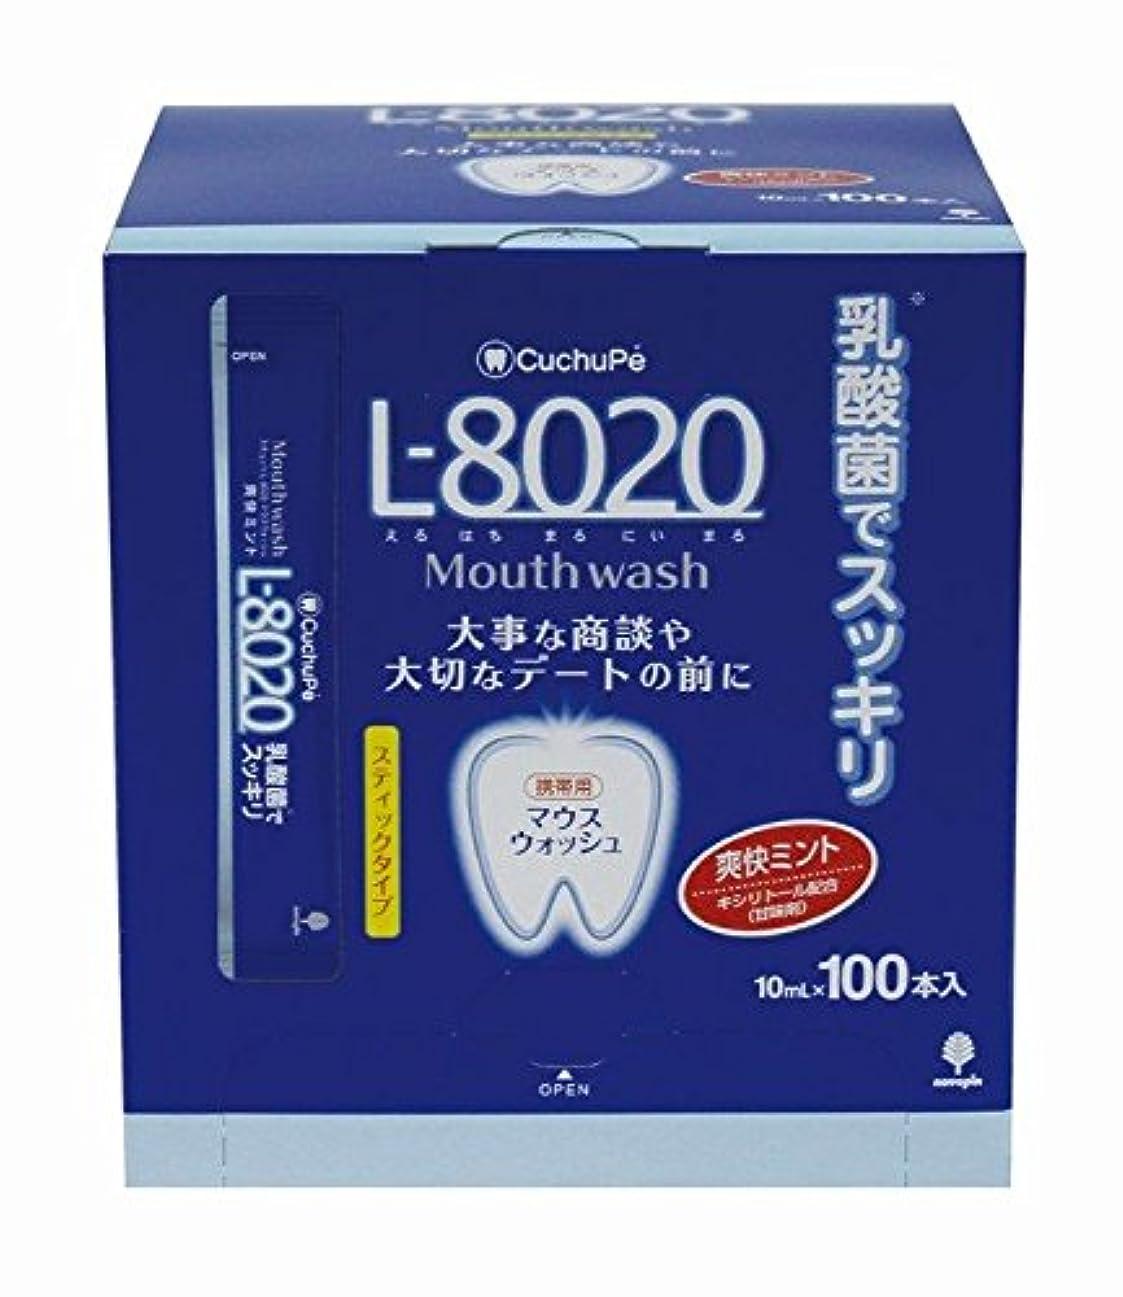 トラクター鼻小さい紀陽除虫菊 マウスウォッシュ クチュッペ L-8020 爽快ミント スティックタイプ 100本入